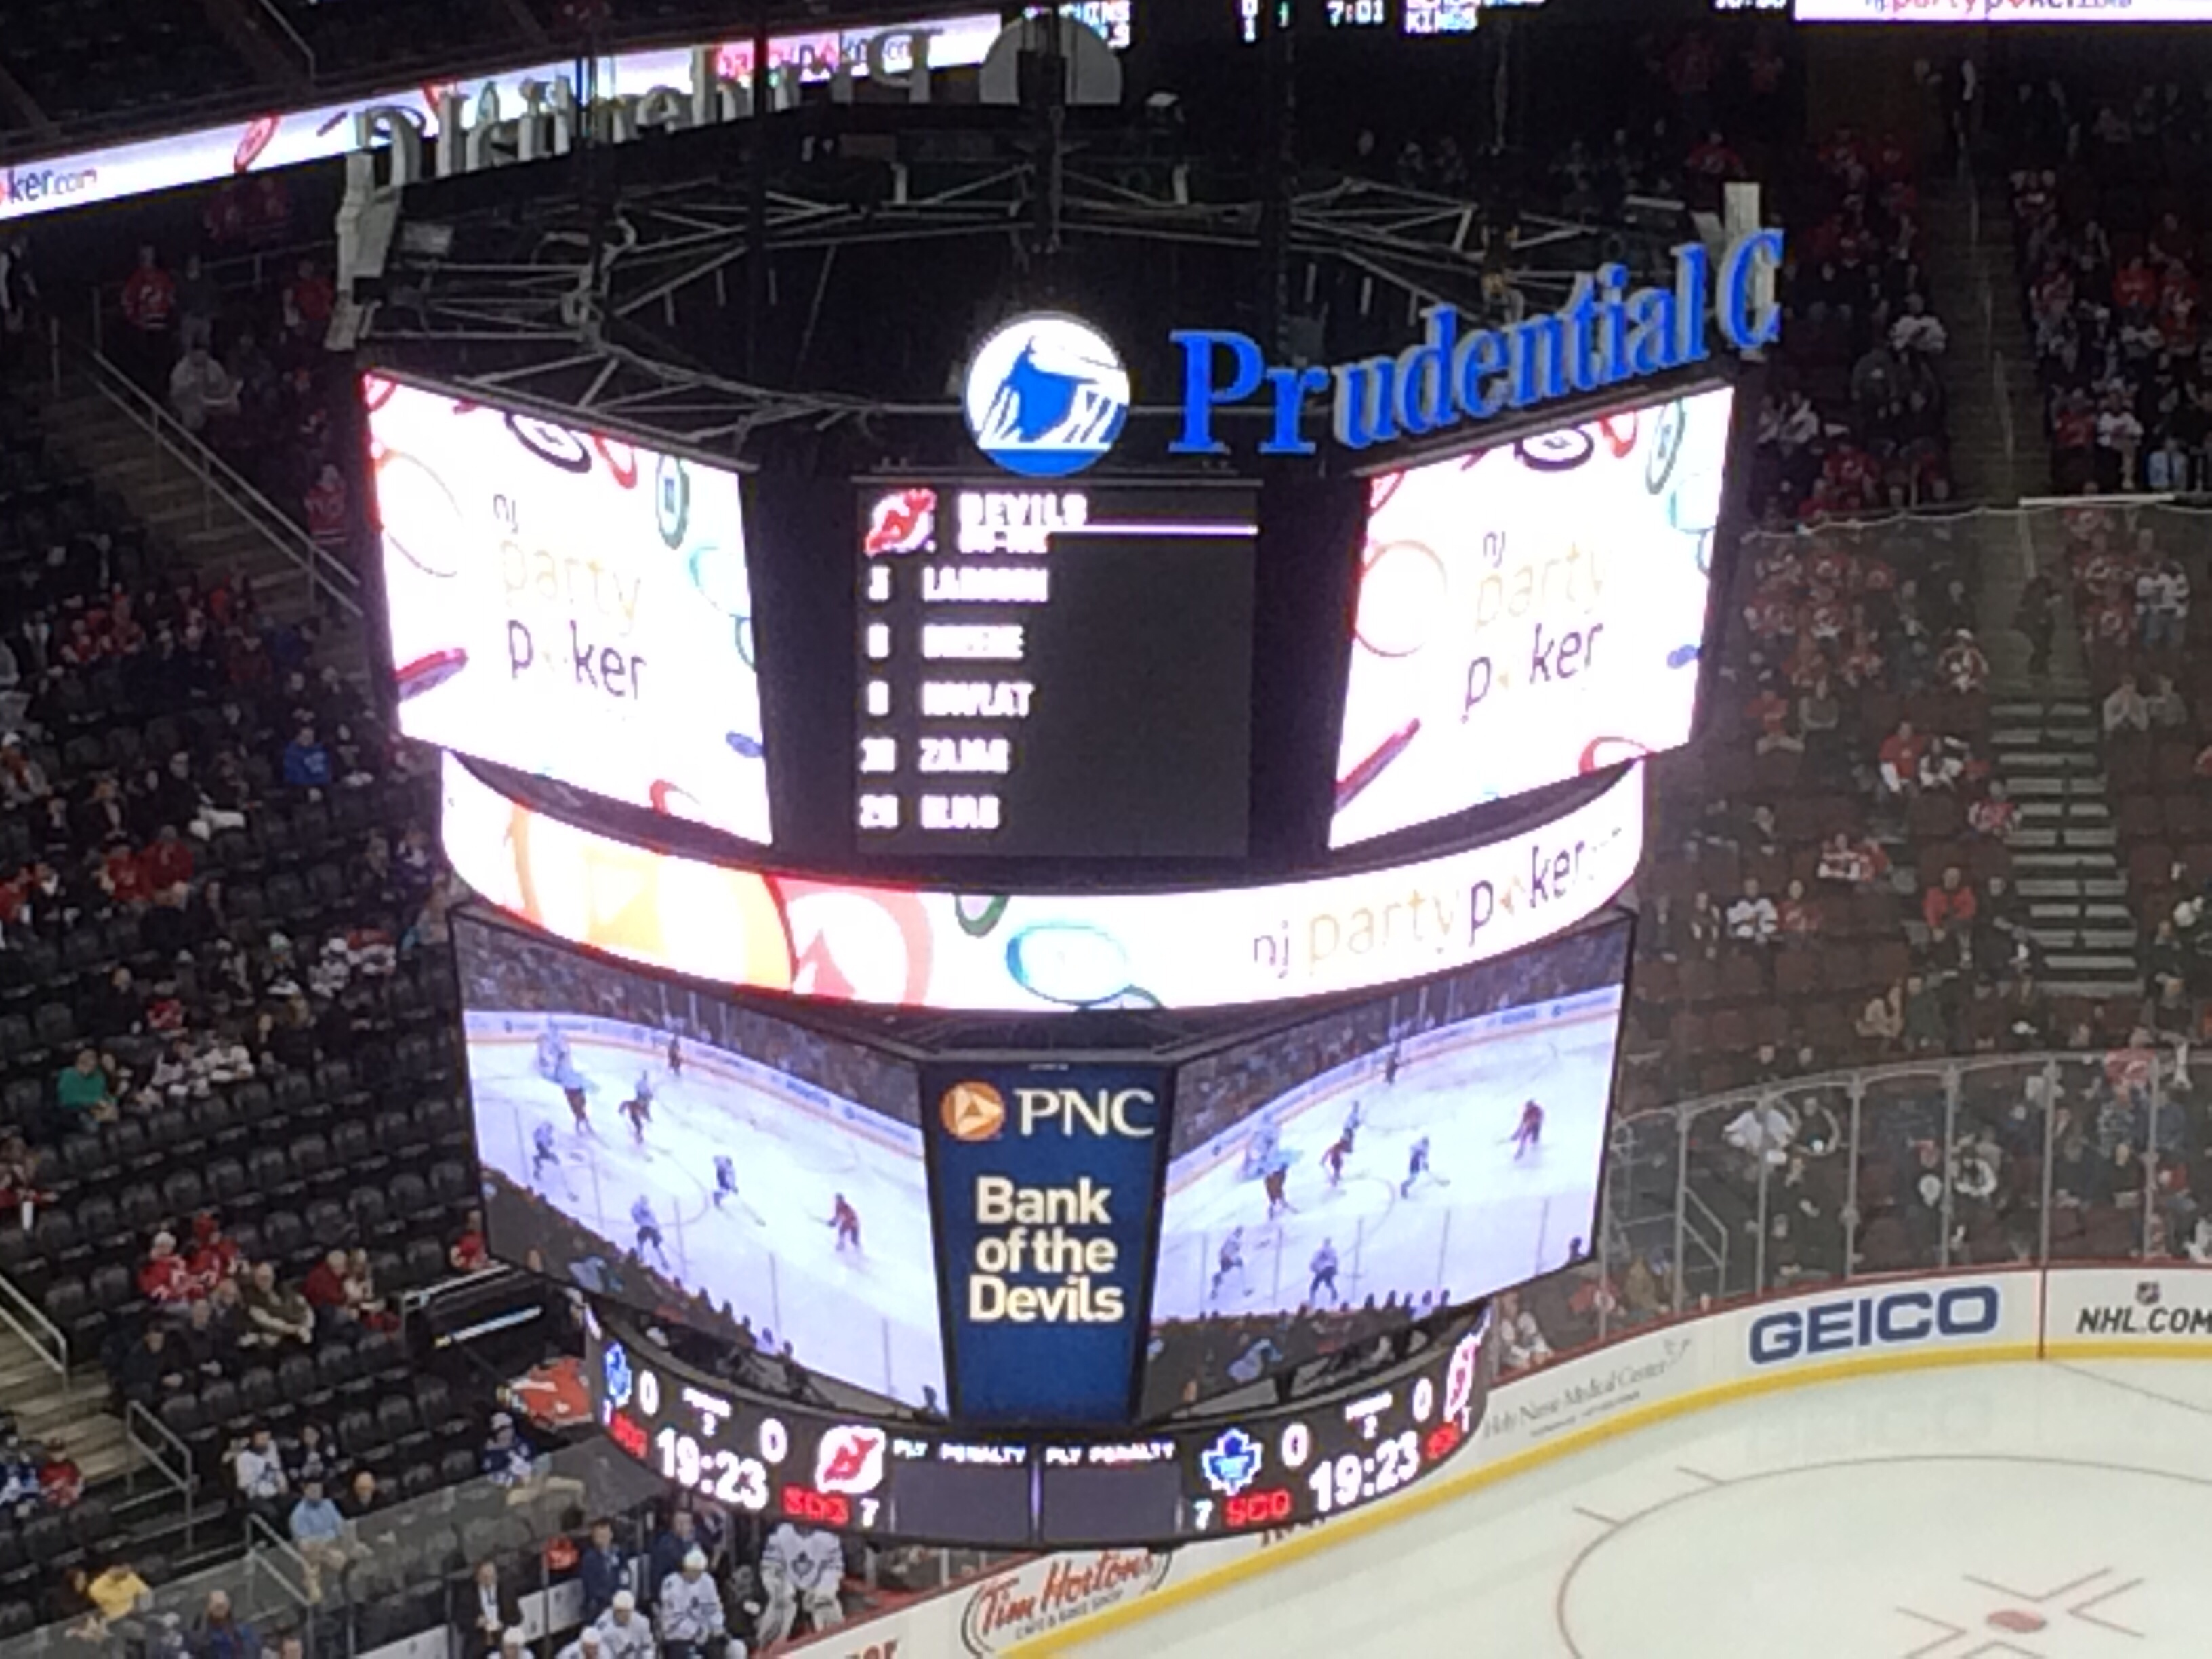 Die Spieler «On Ice» sind auf dem Videowürfel derzeit angezeigt. (Foto: Michael Krein)